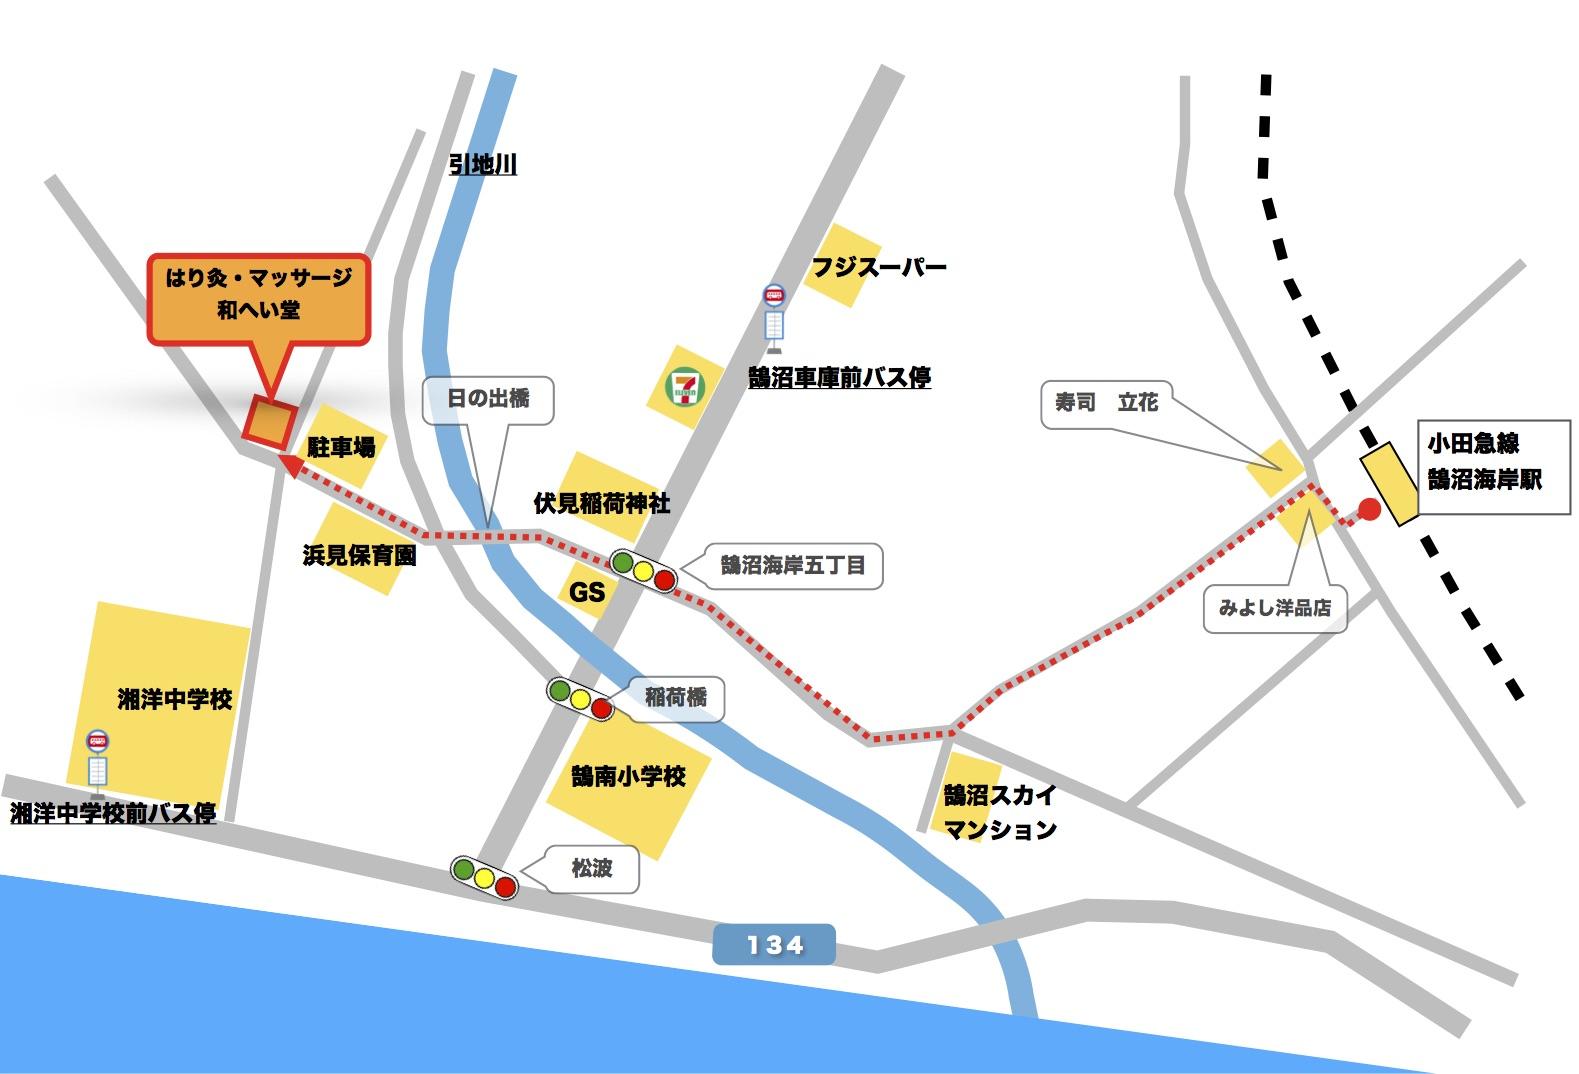 waheido_map